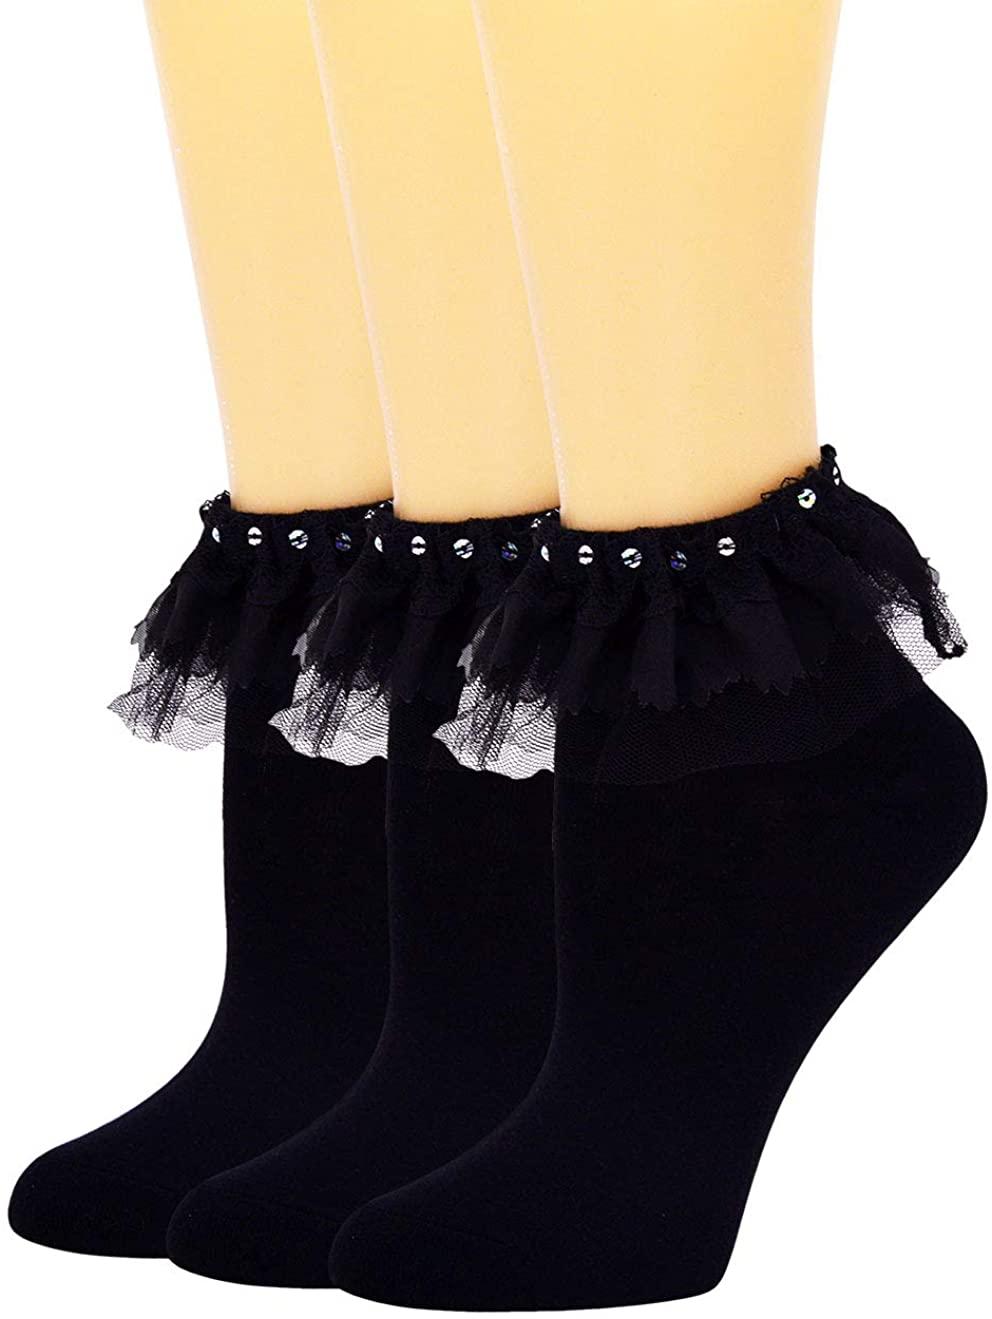 SEMOHOLLI Women Ankle Socks Lace Socks Ruffle Frilly Cotton Socks Cotton Socks Princess Socks Girl Socks